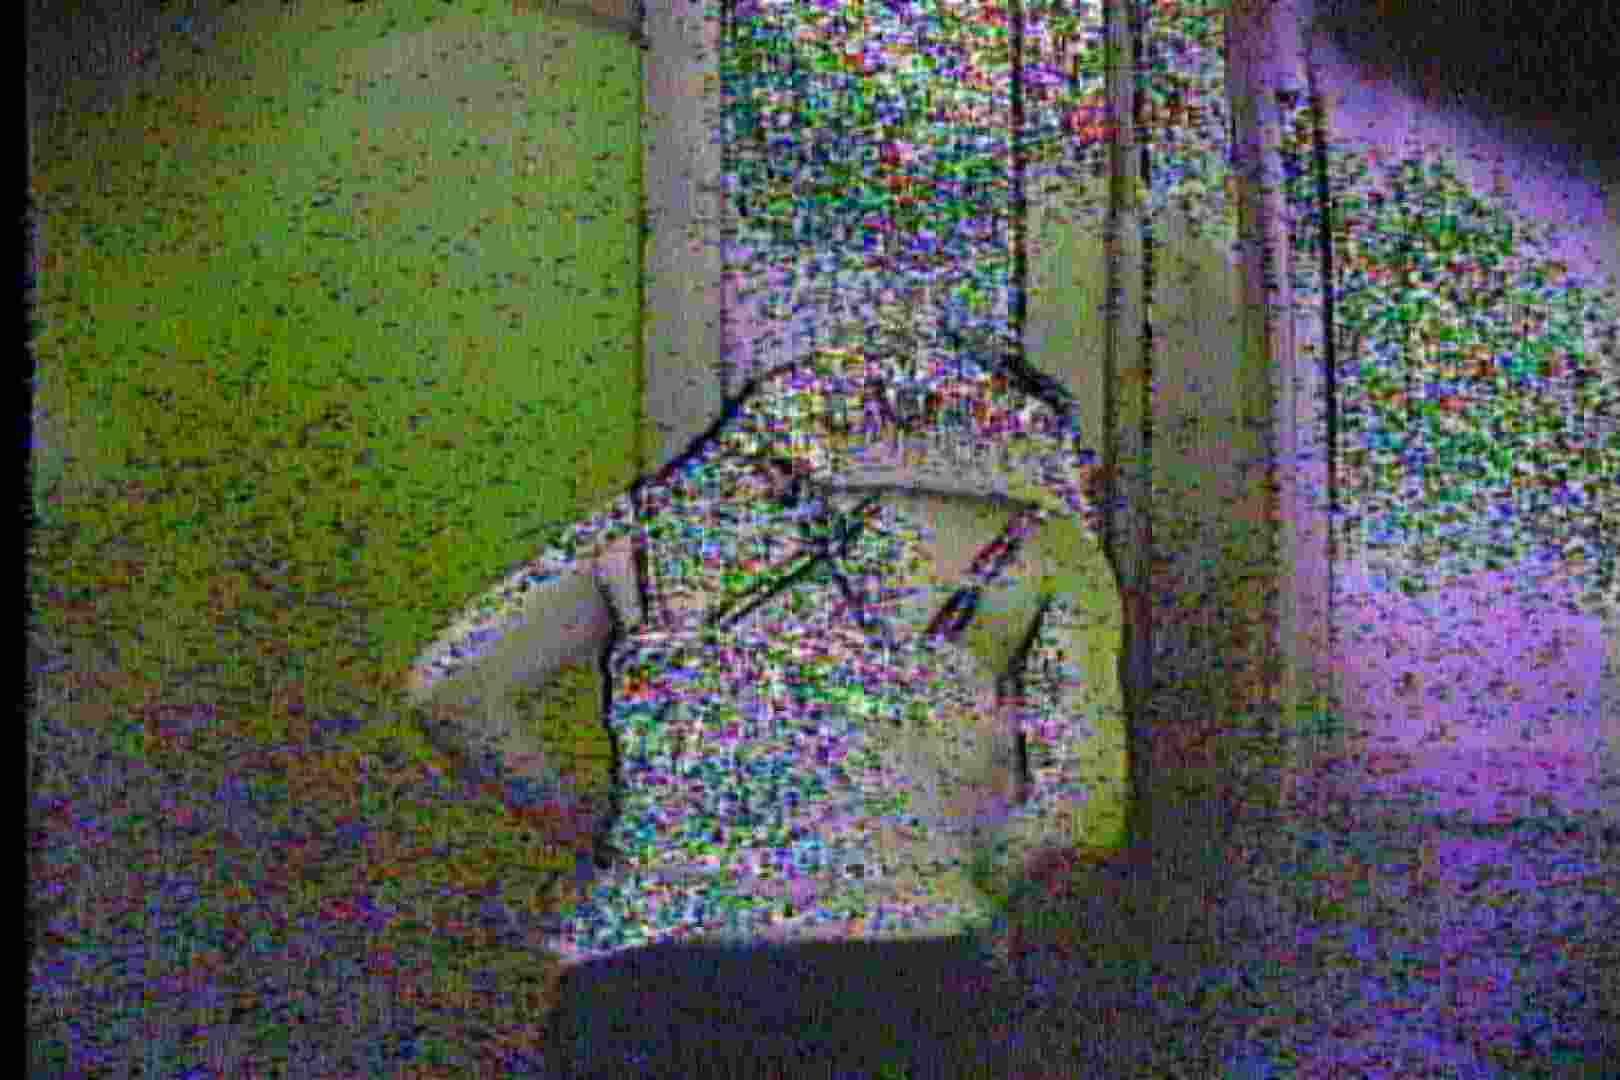 海の家の更衣室 Vol.17 高画質 オメコ無修正動画無料 102枚 11